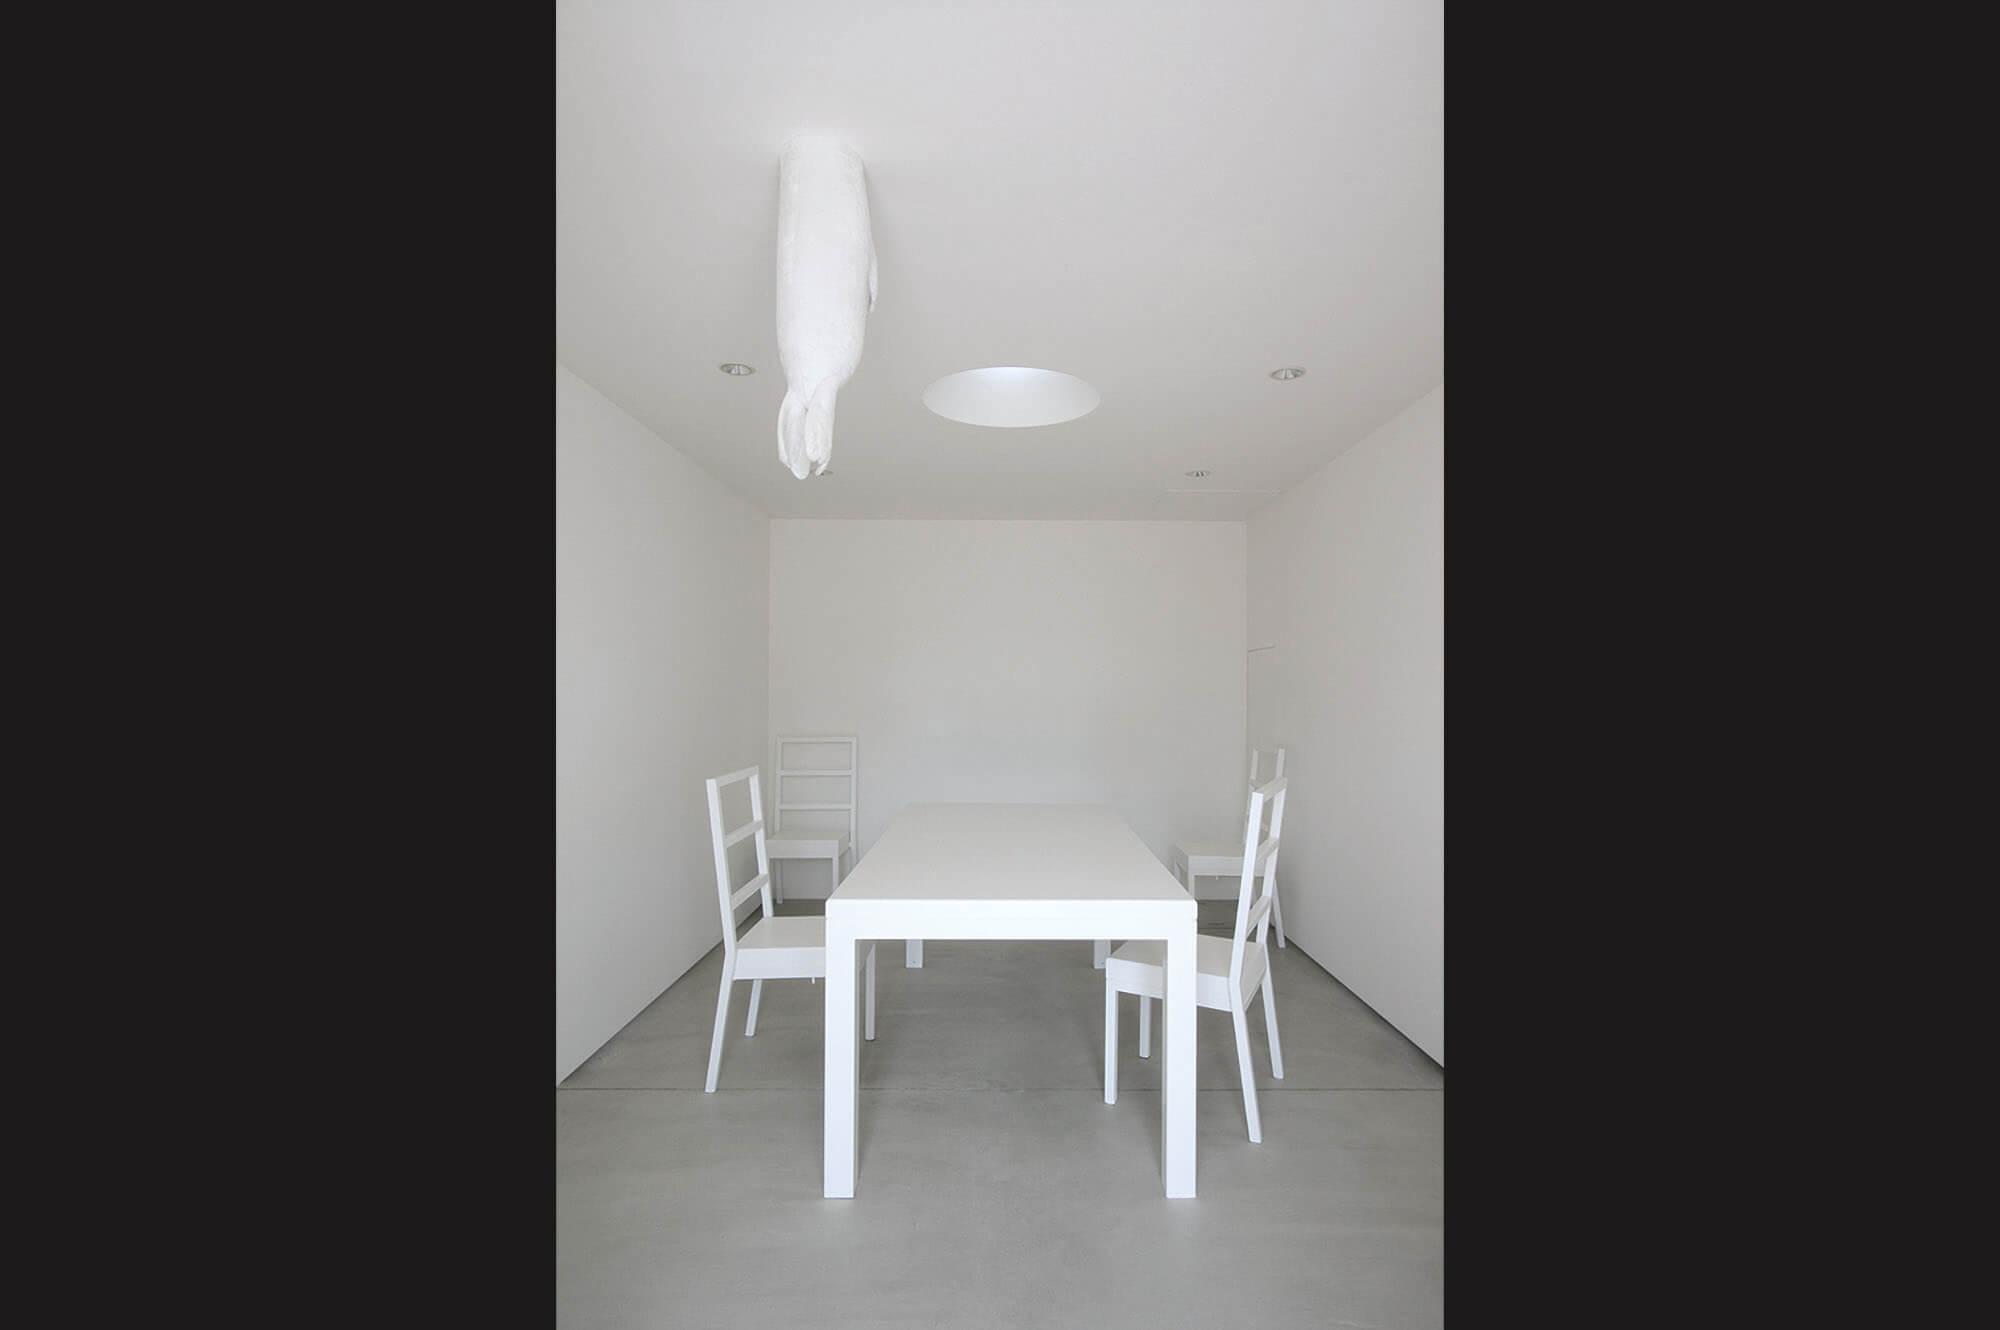 栗林隆 Sumpf Land 現代美術 Contemporary Art